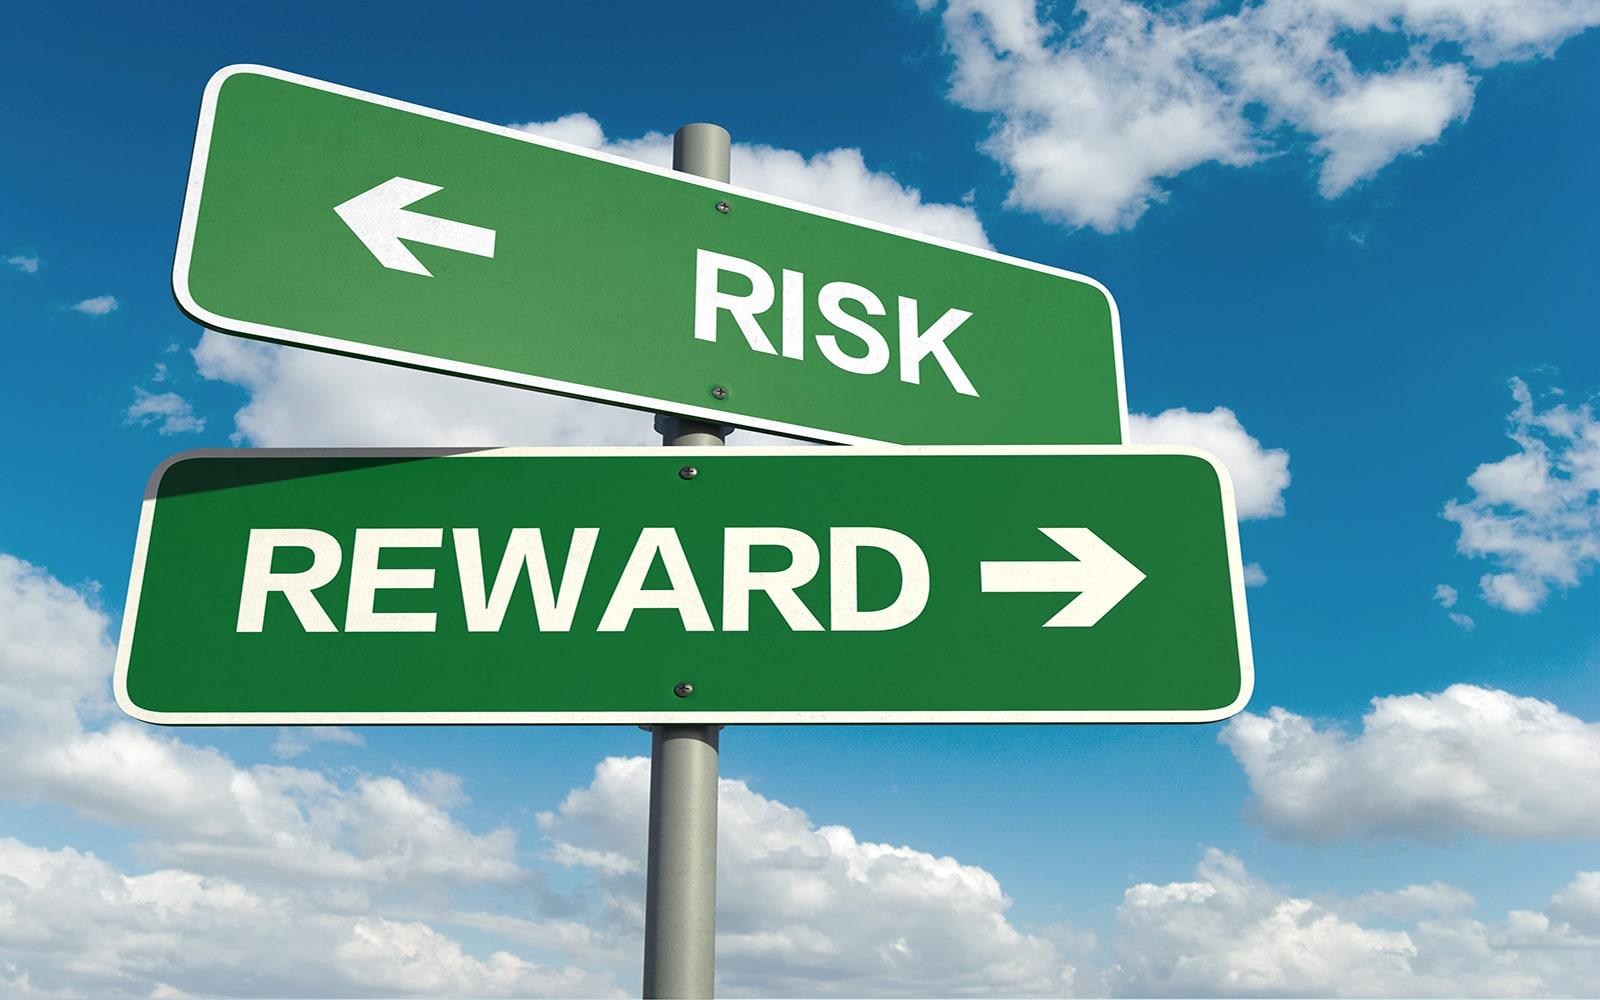 Ken de risicofactoren van de klant